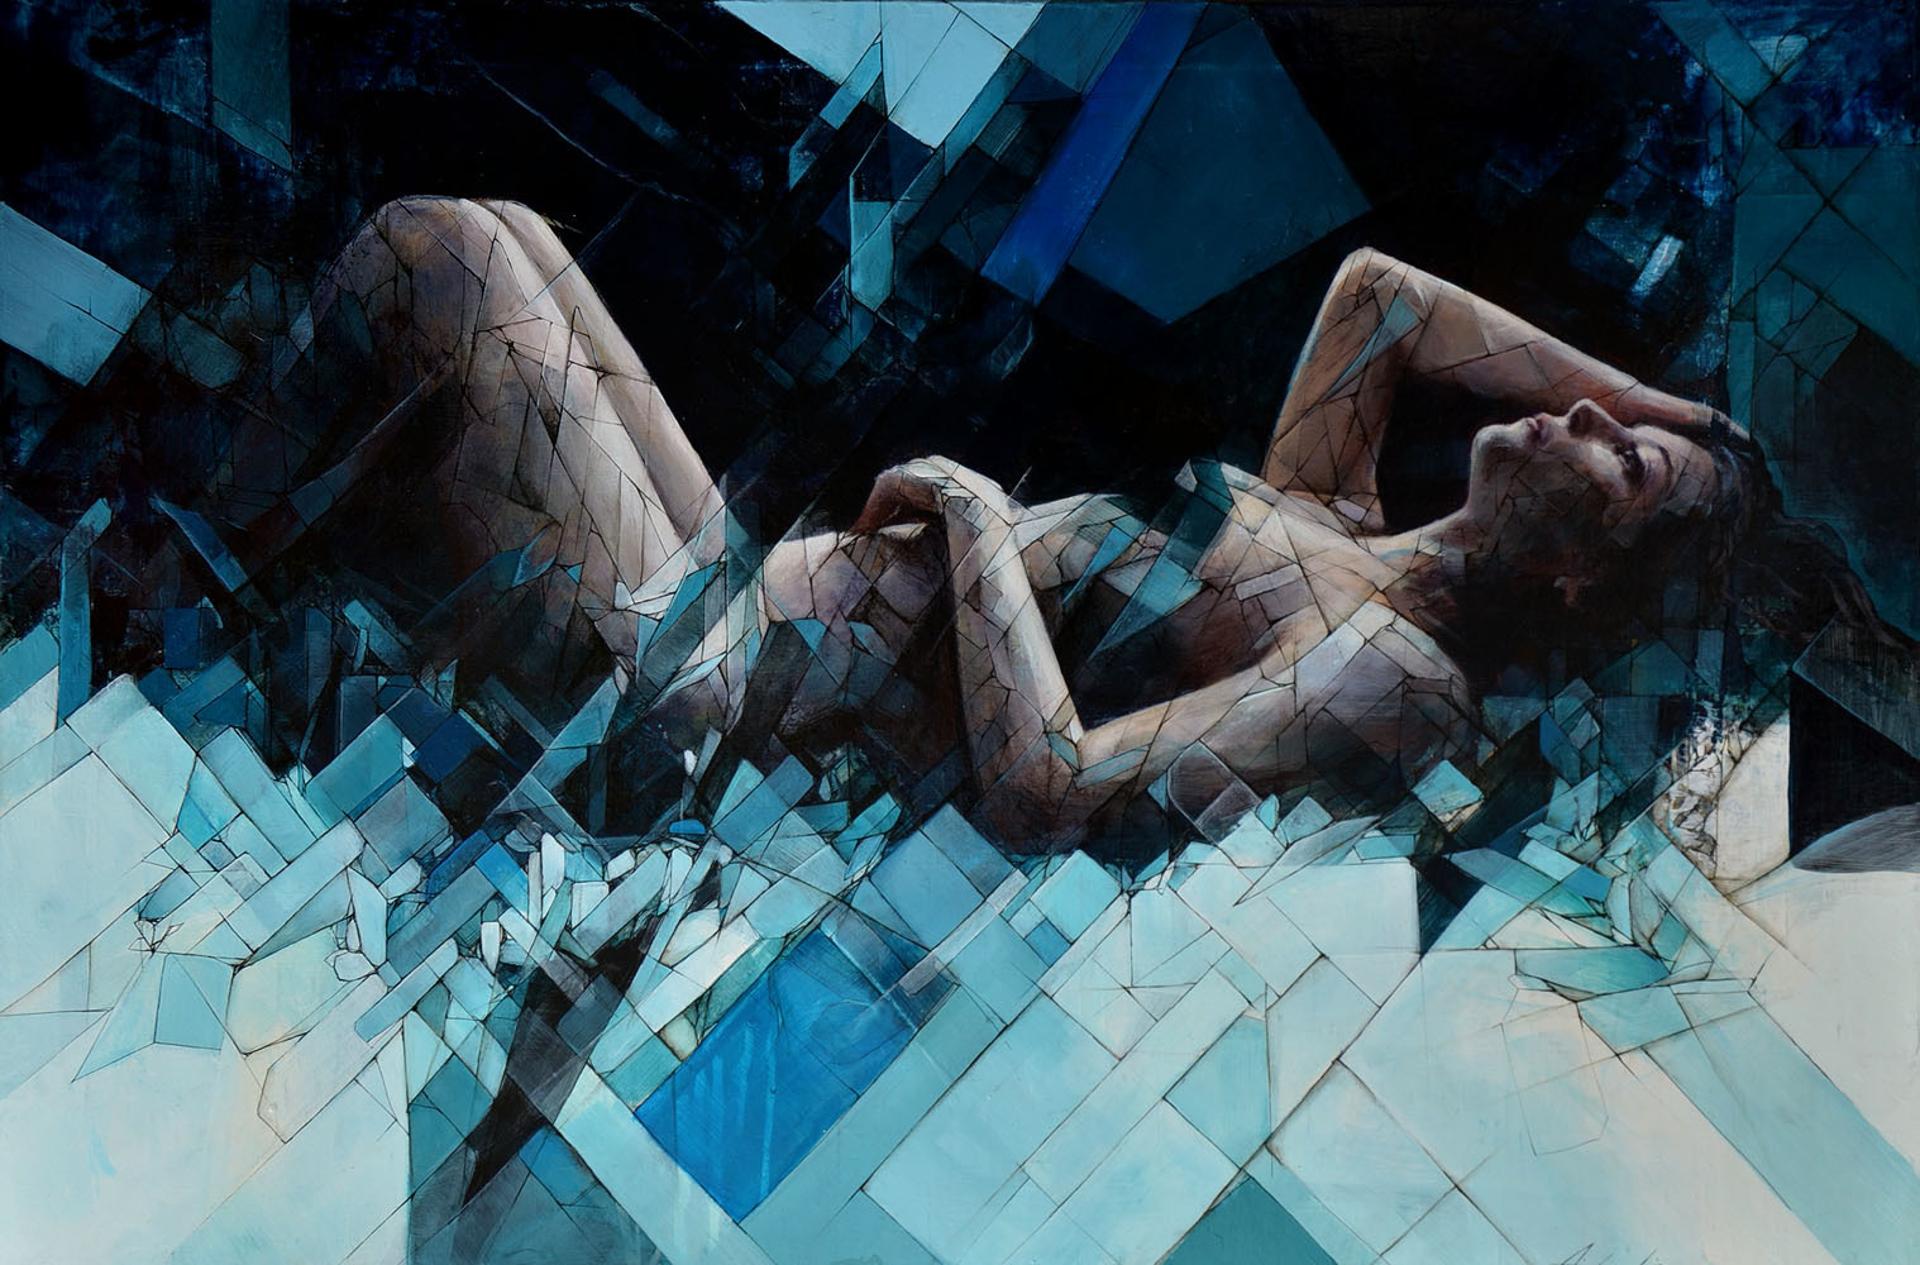 Unconscious Depths by Aiden Kringen